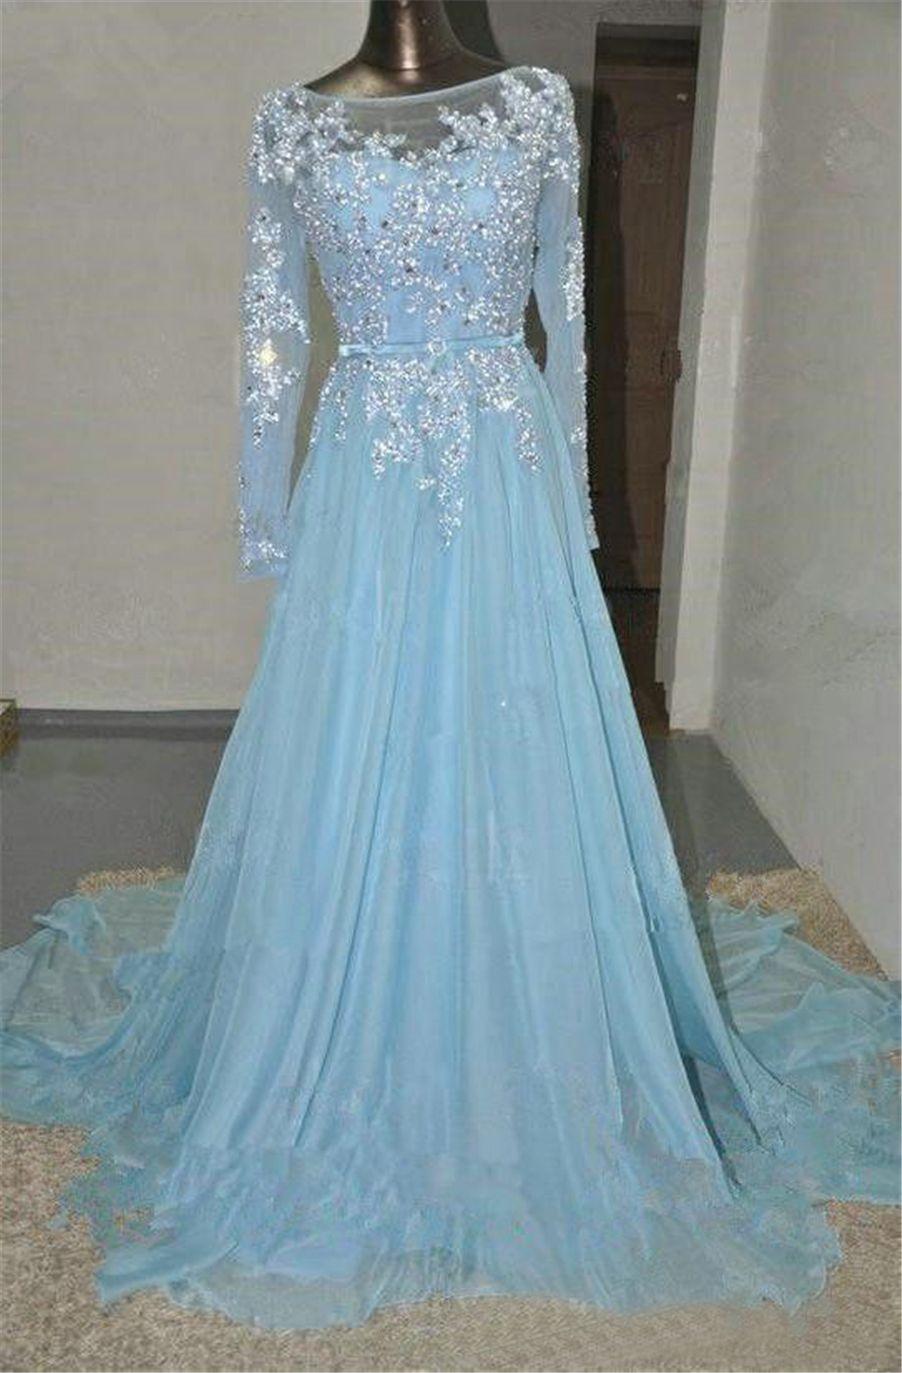 Sheer шеи кружева аппликация блестки шифон платье выпускного вечера для женщин голубые кристаллы вечерние платья с длинными рукавами арабский Большой размер